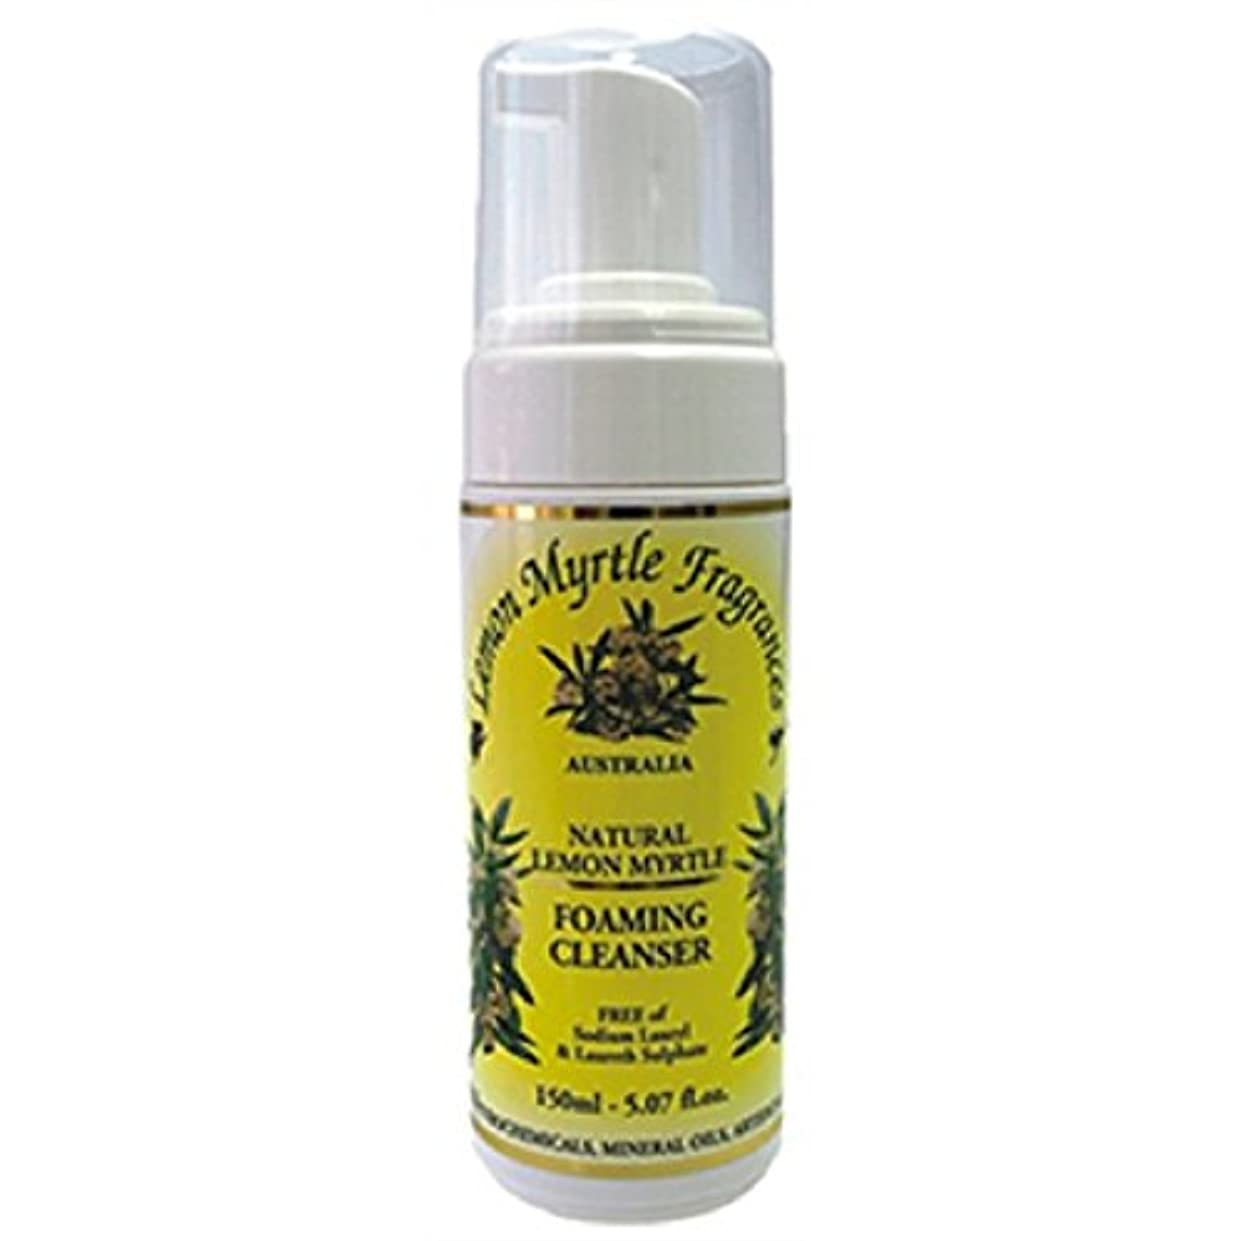 負担抗議重要な【LEMON MYRTLE FRAGRANCES】Hand Cleanser レモンマートルフレグランス ハンドソープ 150g 3個セット